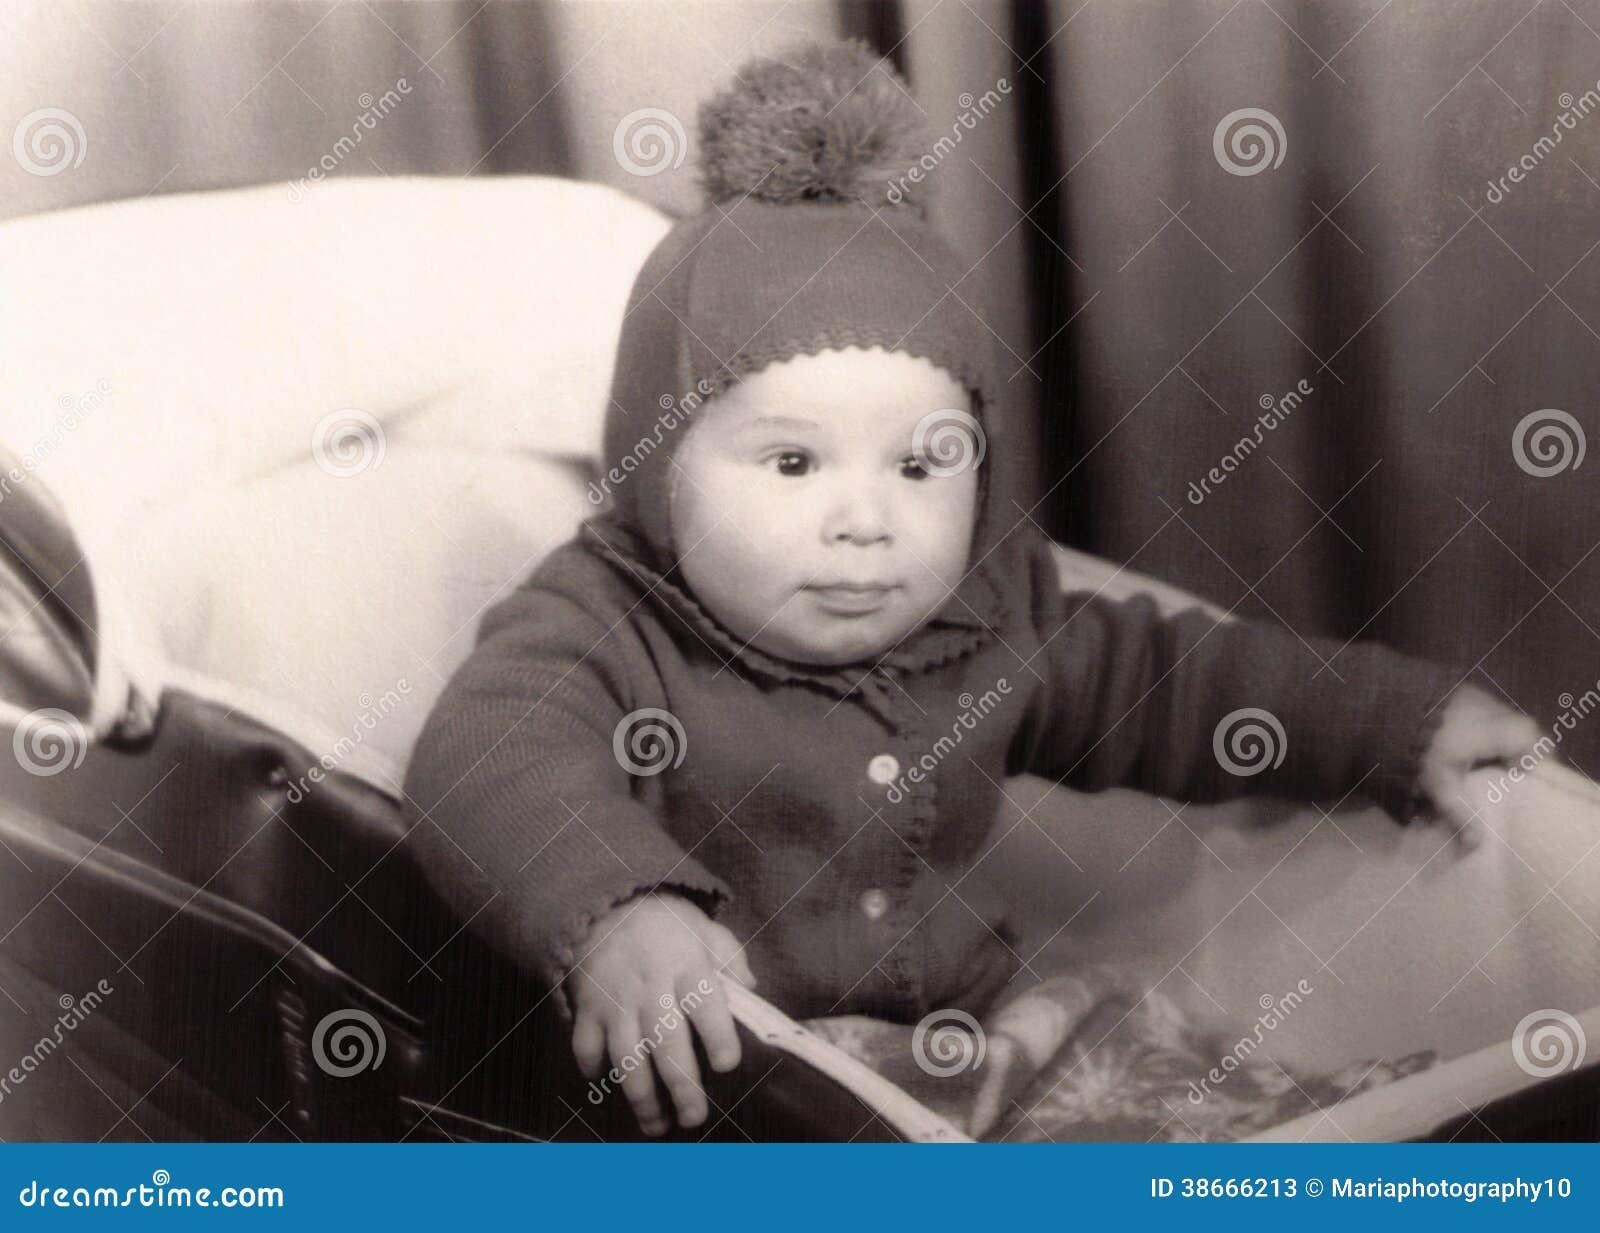 Vecchia fotografia di piccolo neonato in una carrozzina